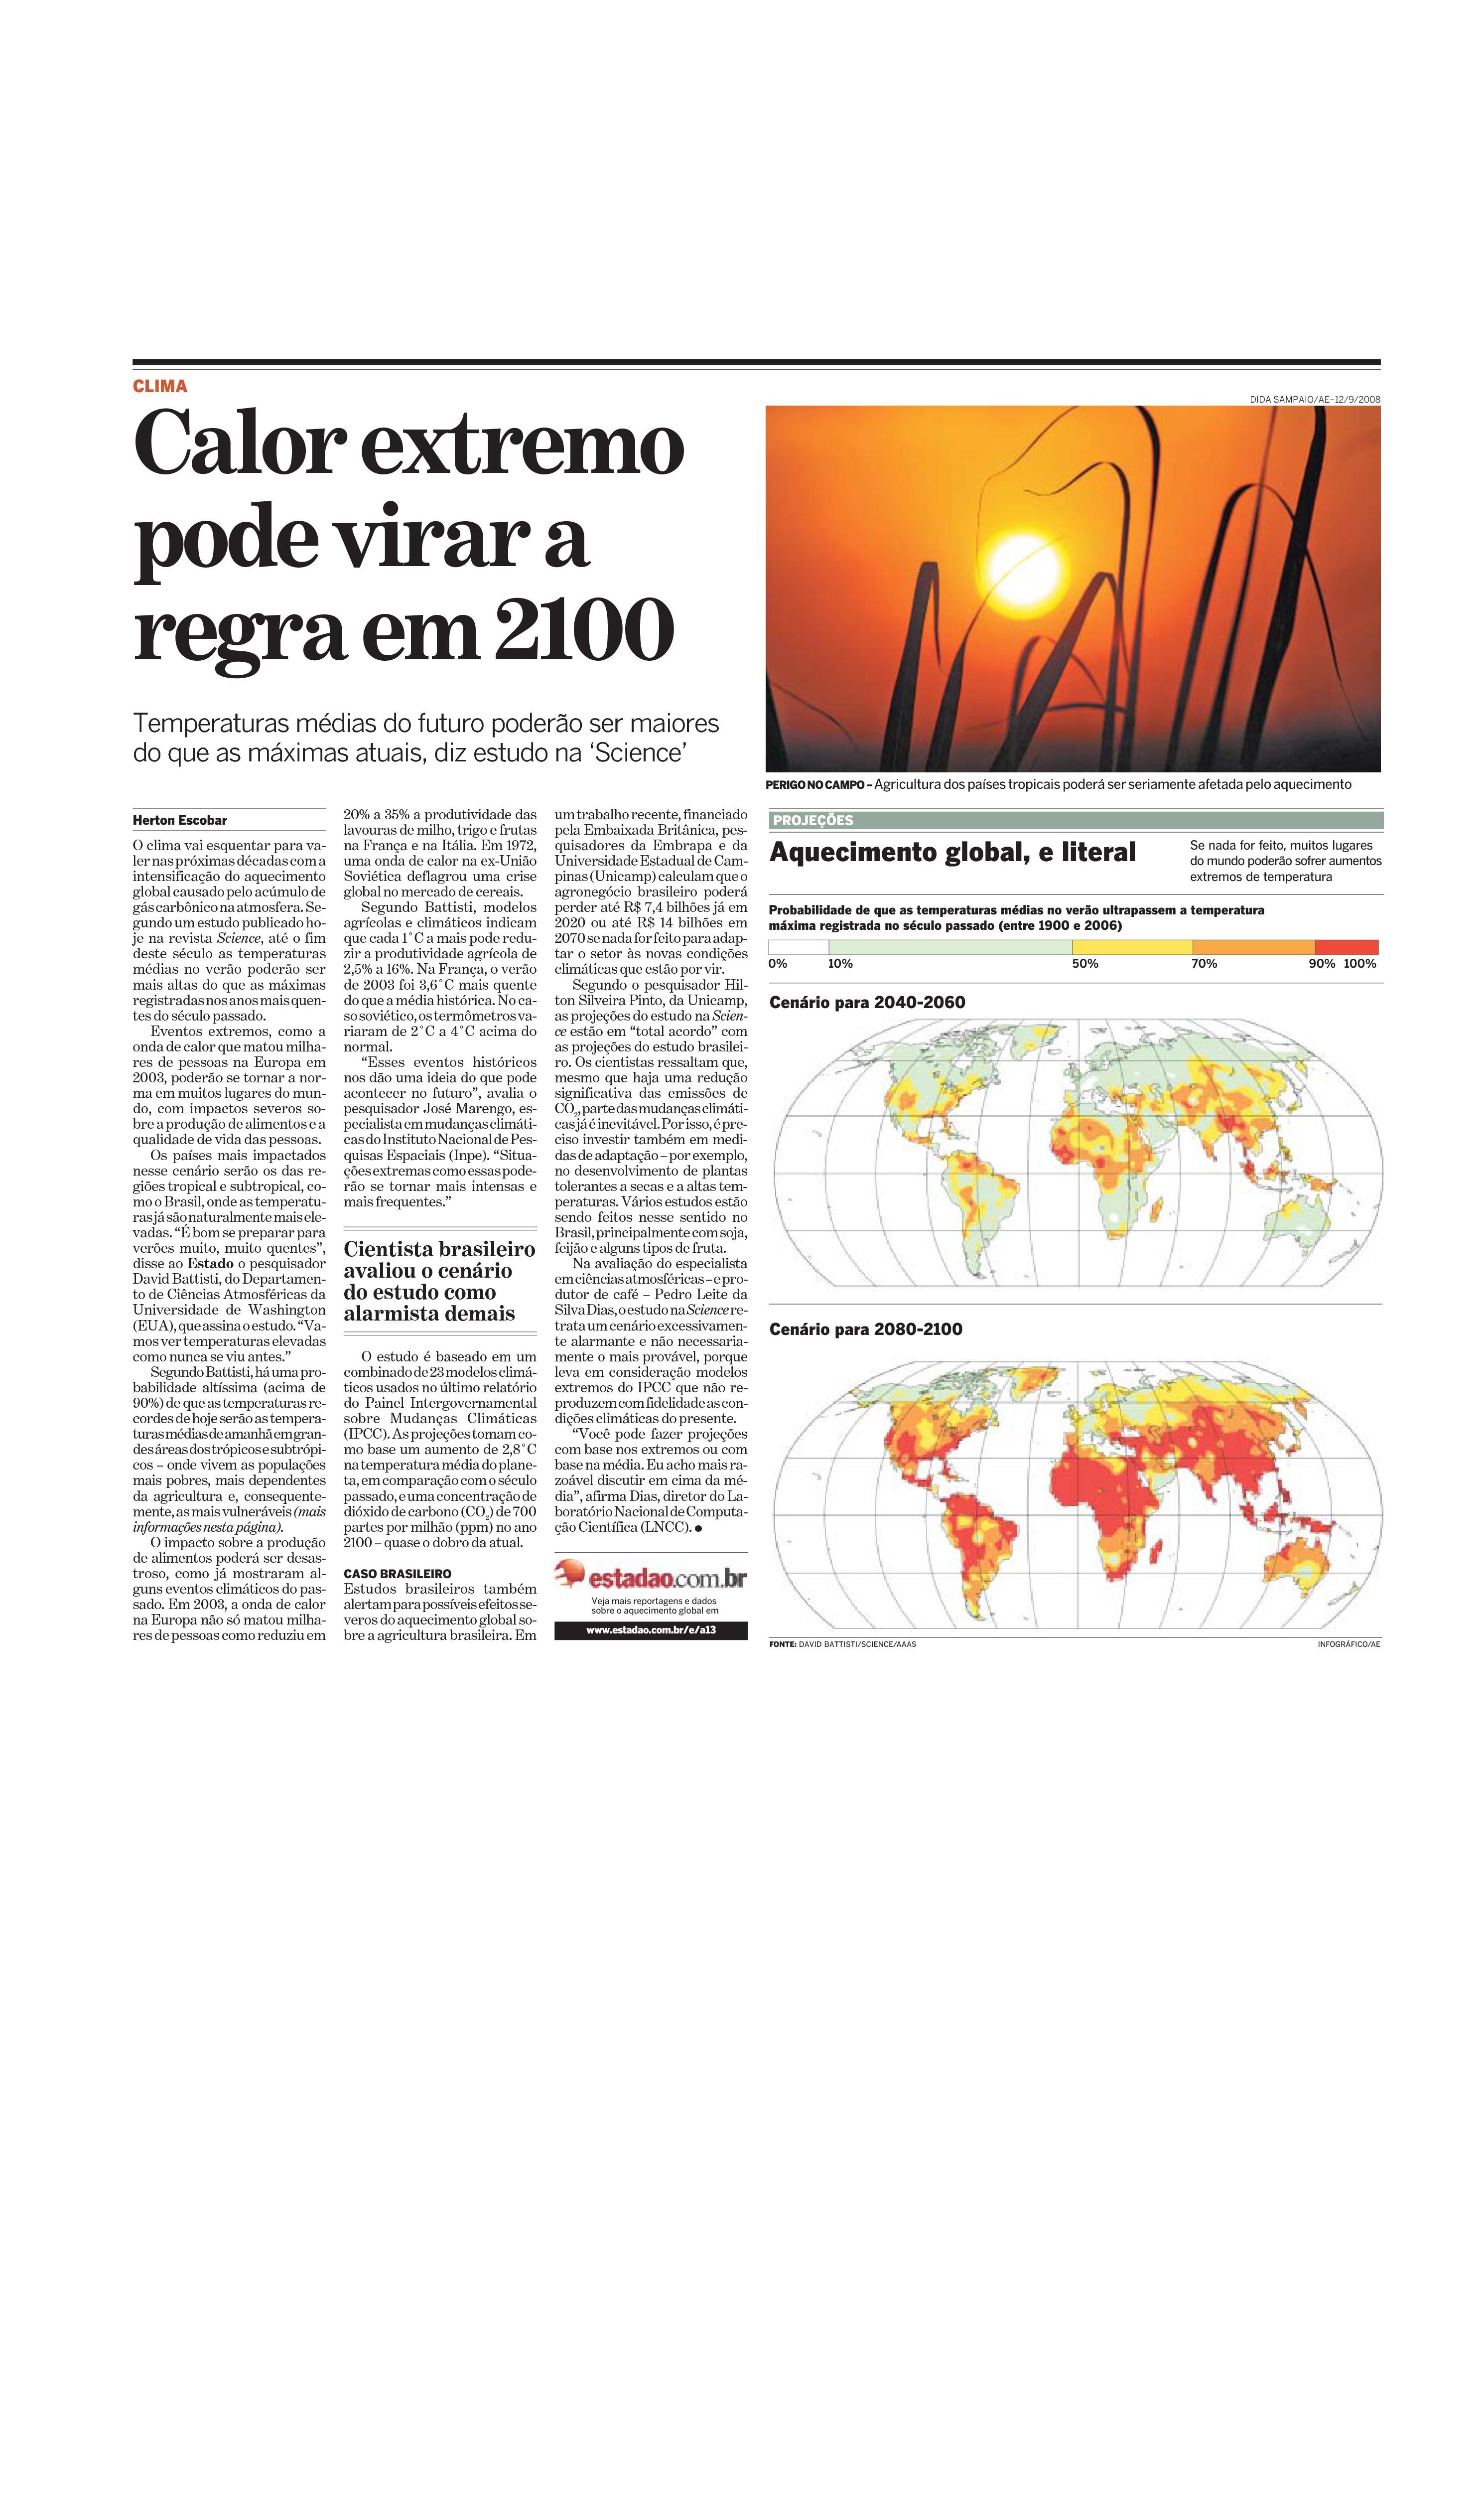 Calor extremo pode virar a regra em 2100